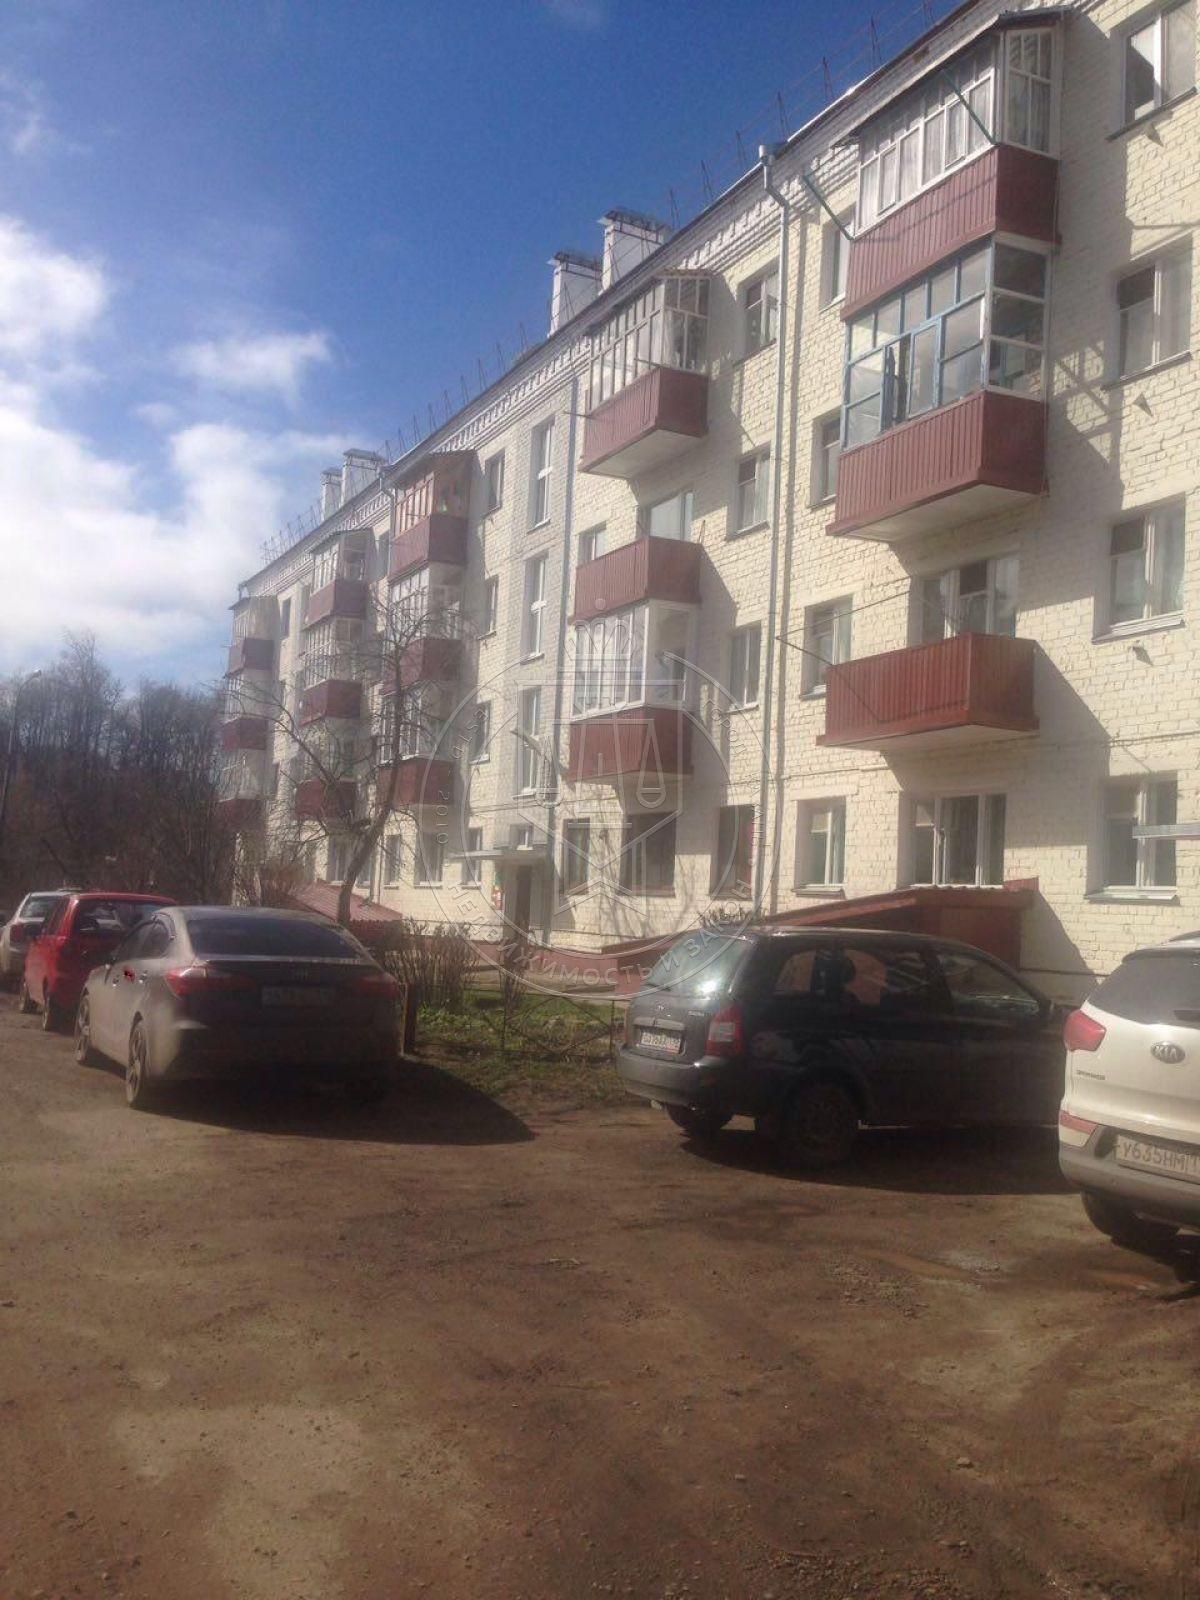 Продажа 1-к квартиры Загородная ул, 14, 31 м²  (миниатюра №1)